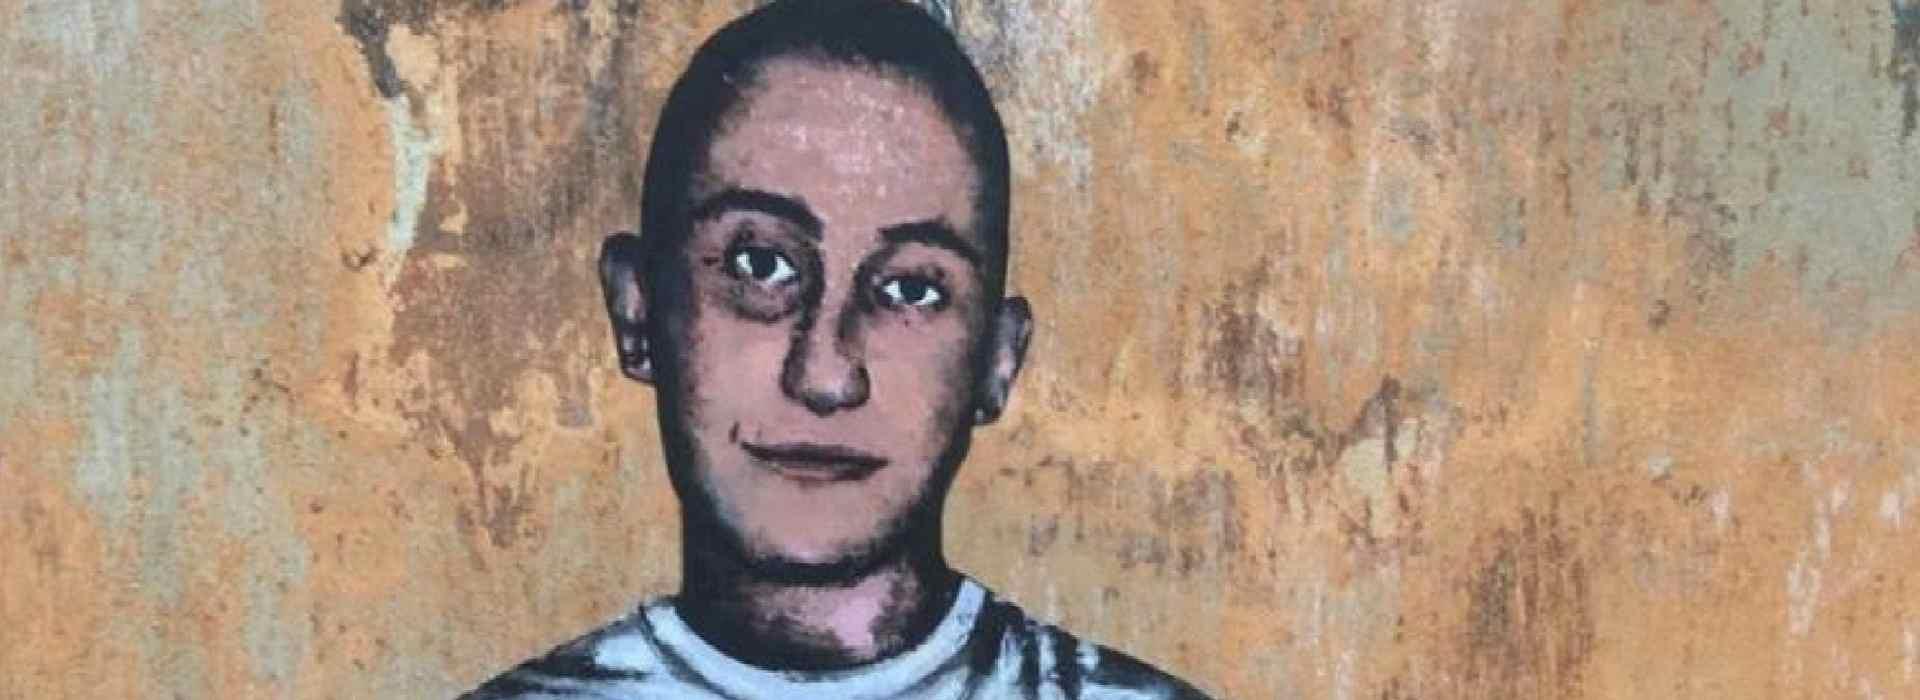 Stefano Cucchi: per la sua morte 13 anni di carcere ai carabinieri che lo hanno pestato